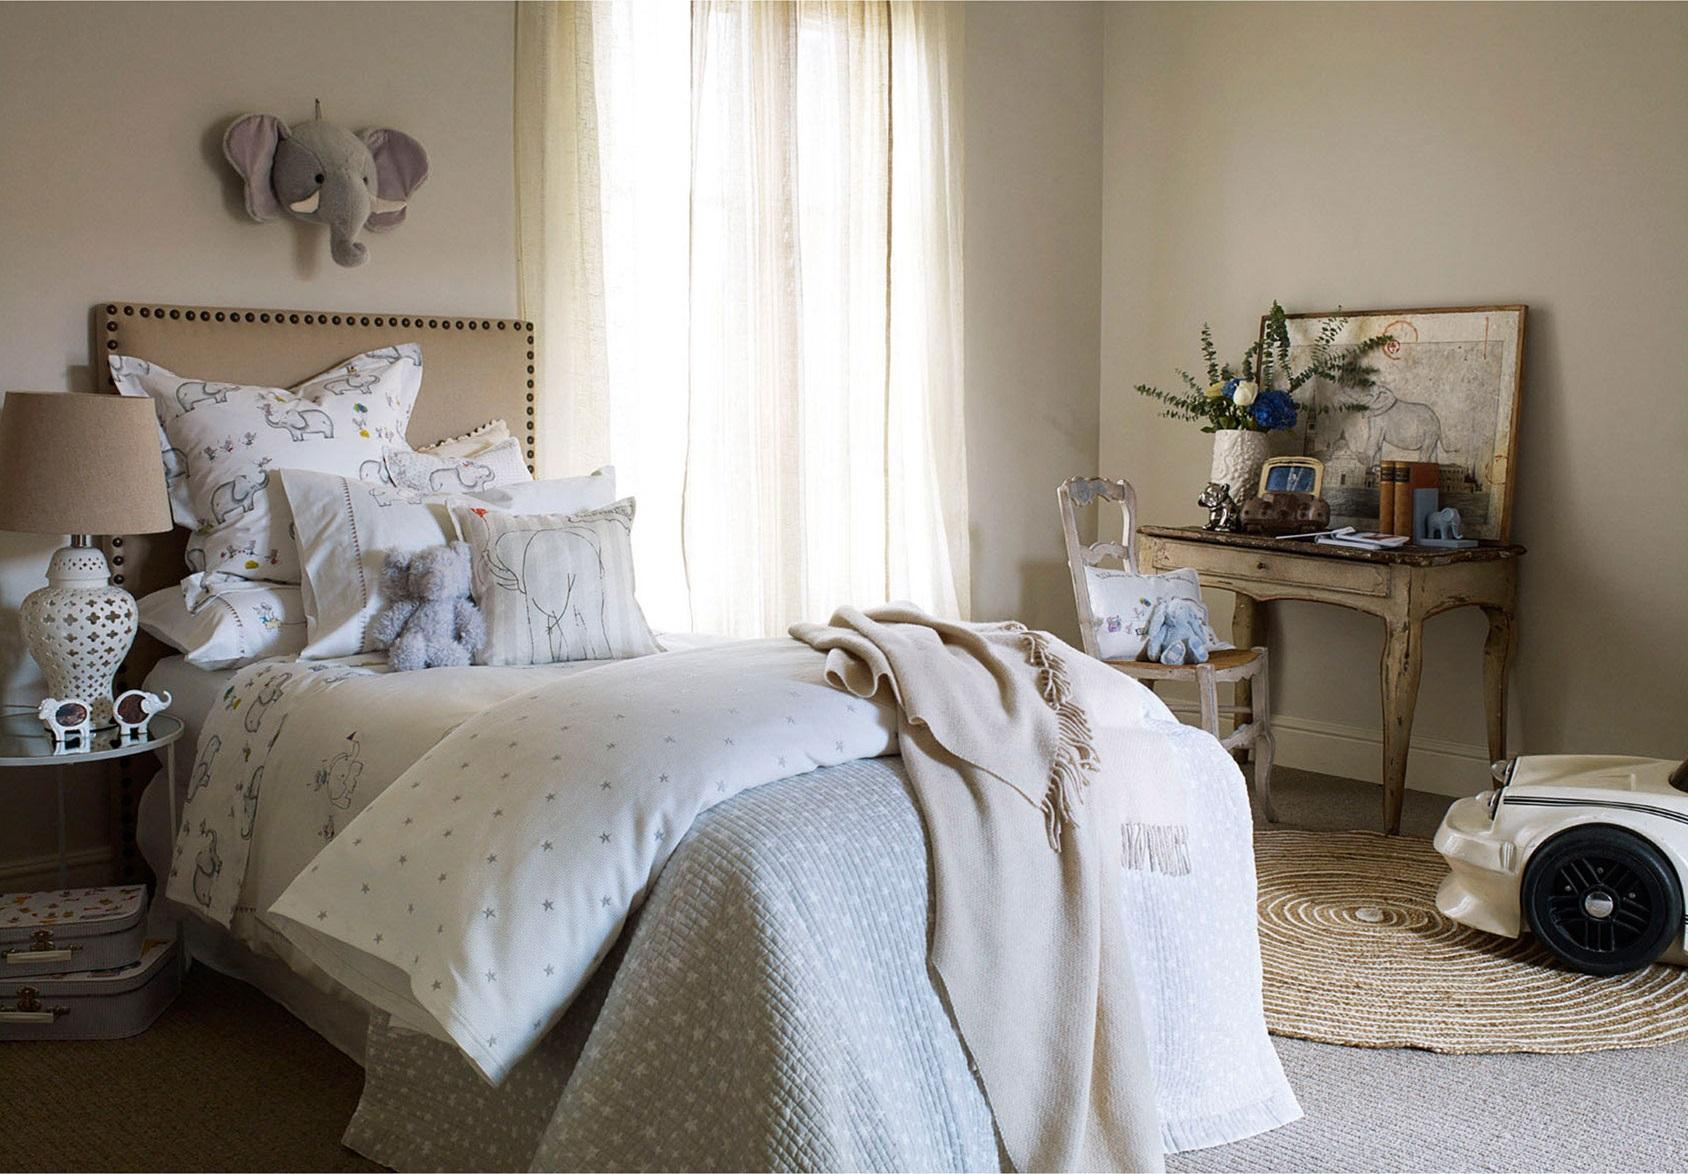 Zara home kids otono invierno 2014 201511 - Zara home kids cortinas ...